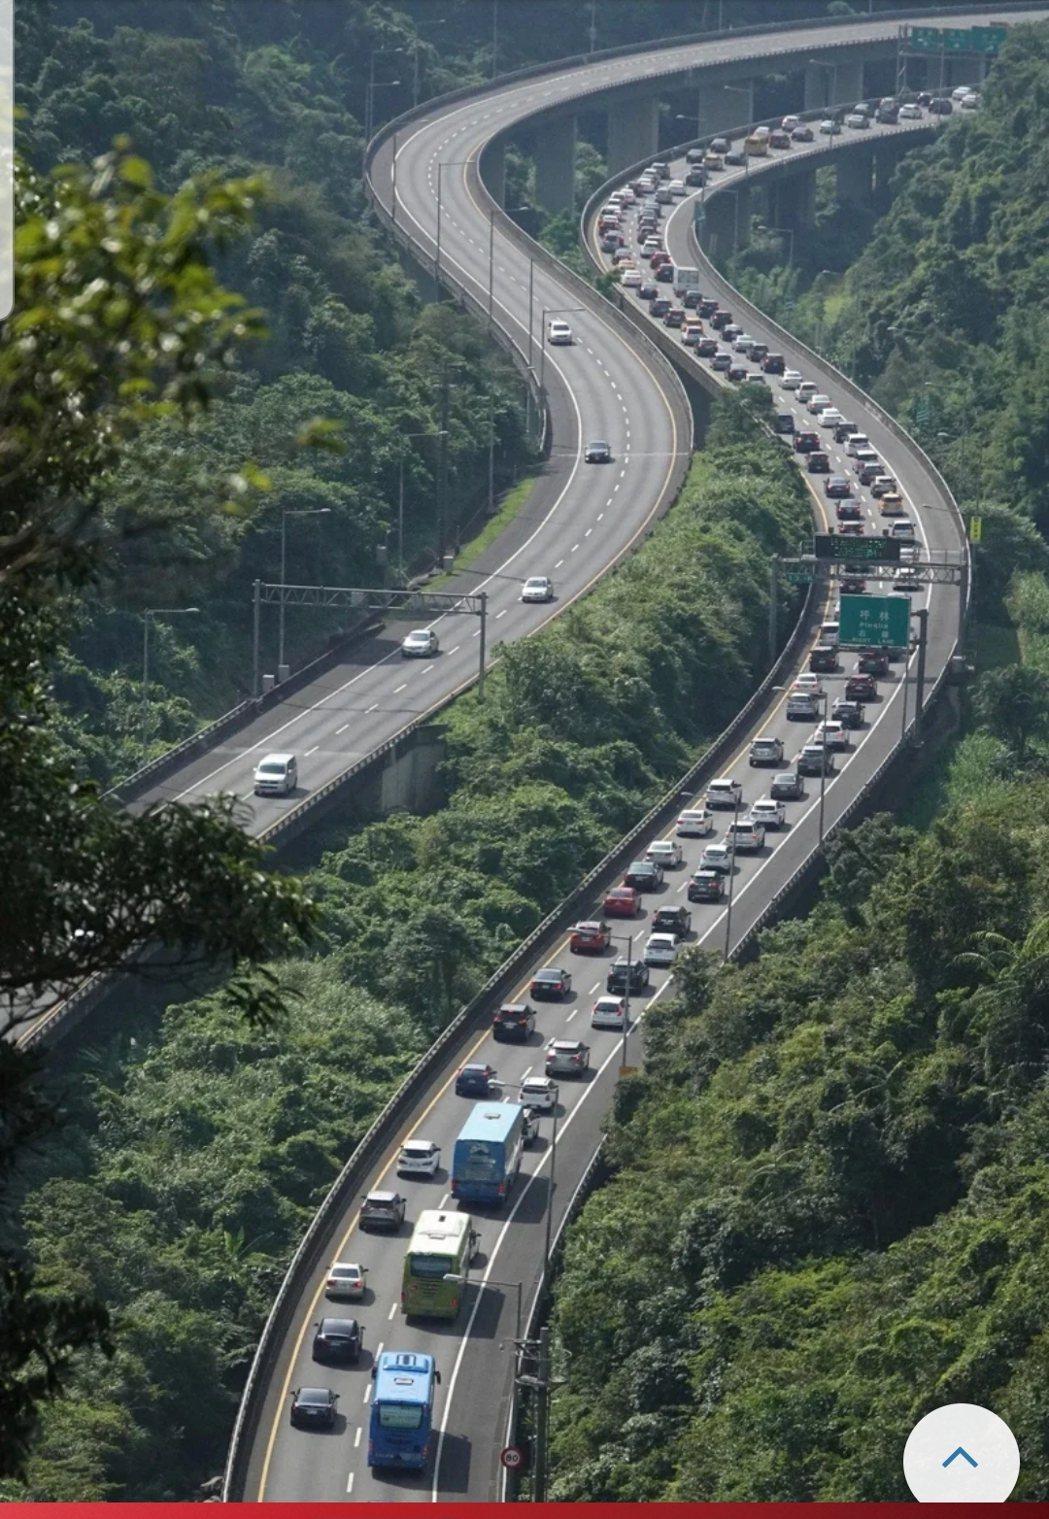 國道5號石碇往坪林路段在端午連假首日上午嚴重回堵,宛如大停車場。記者潘俊宏/攝影